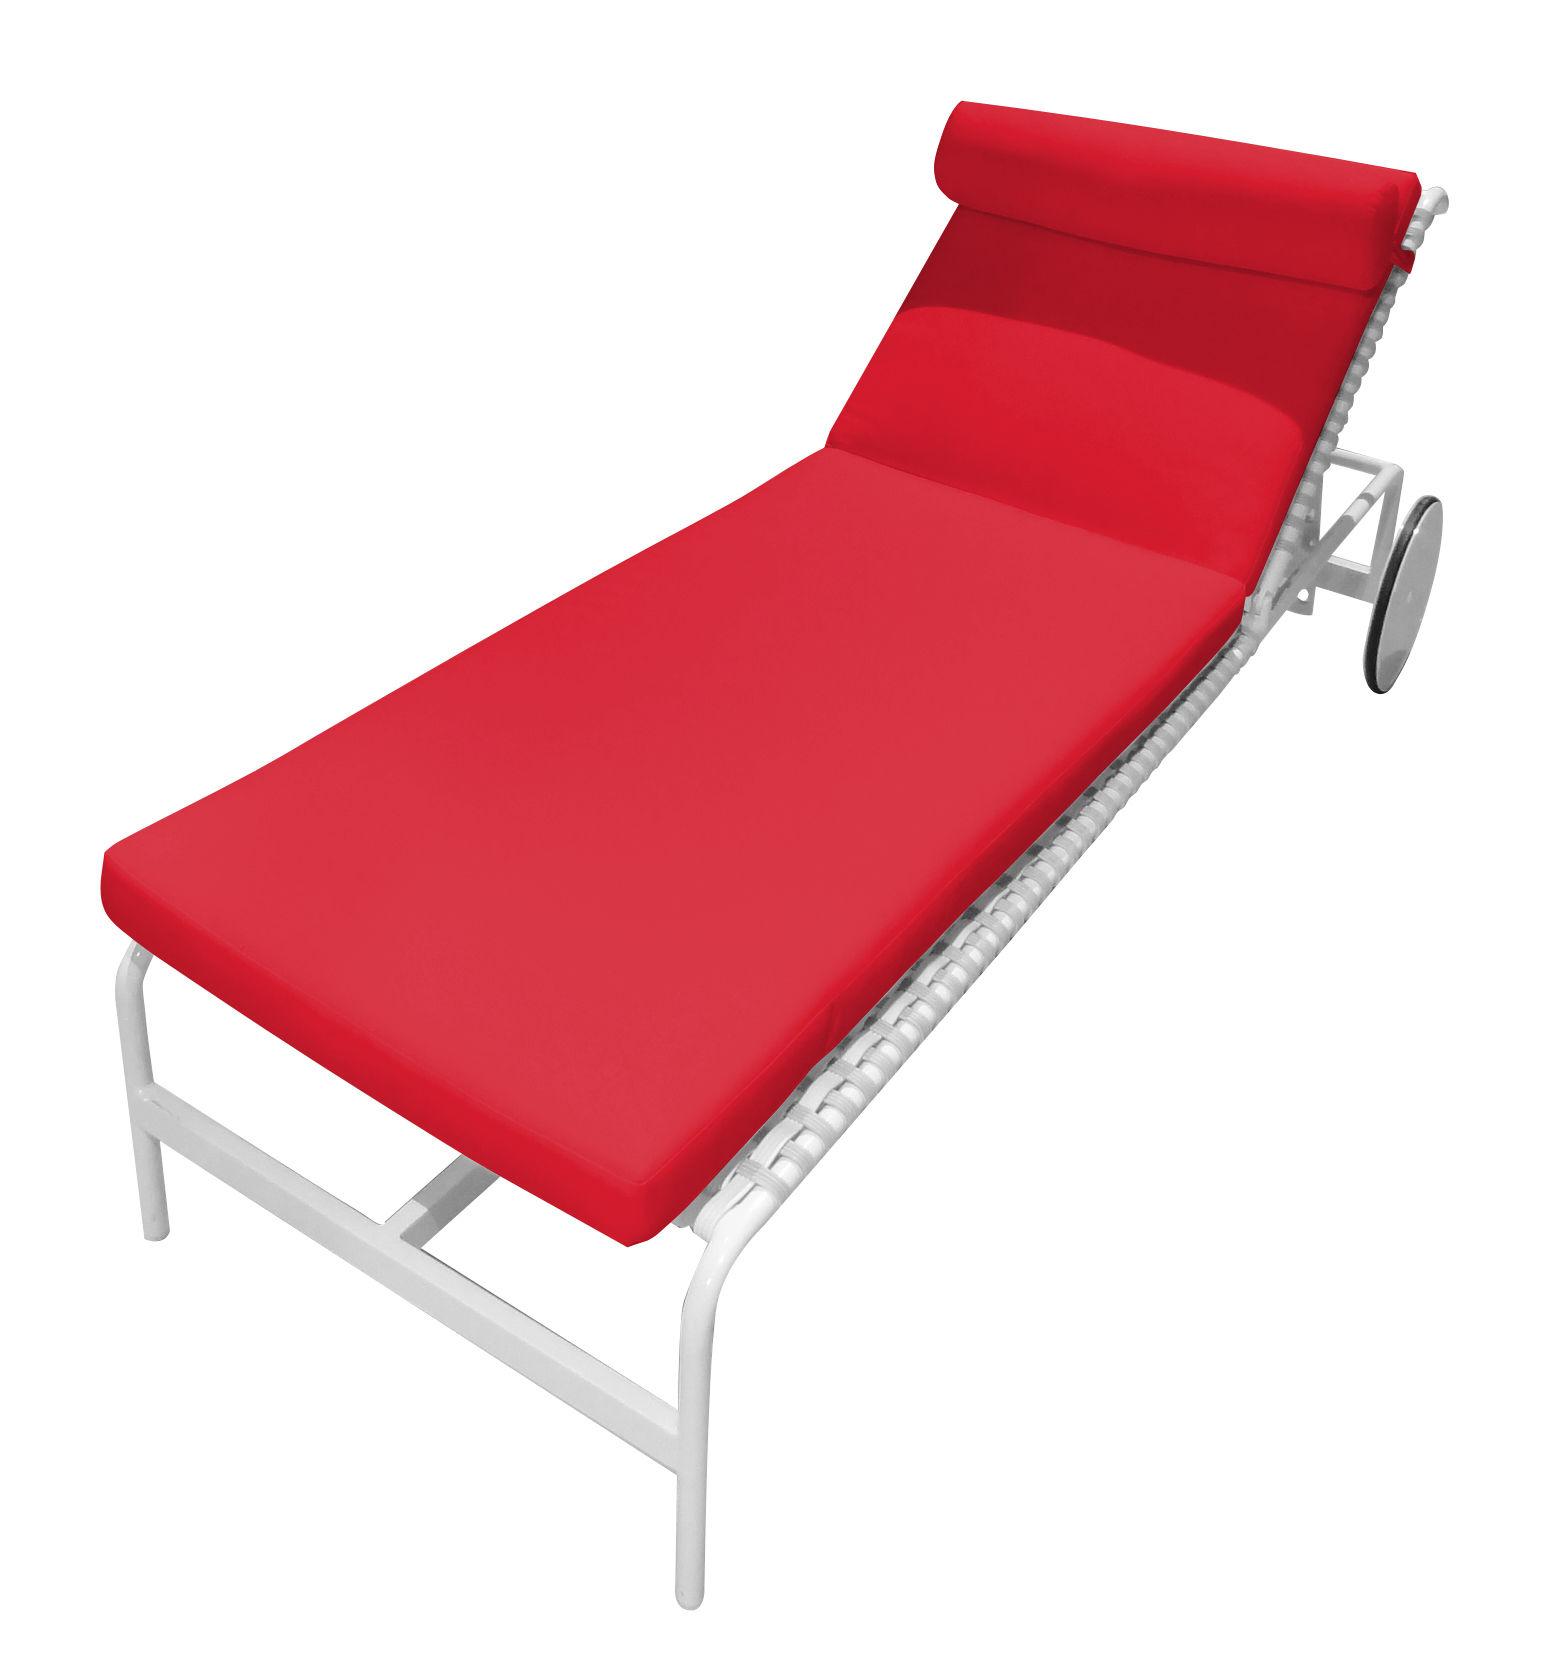 matelas pour bain de soleil rimini matelas rouge driade. Black Bedroom Furniture Sets. Home Design Ideas